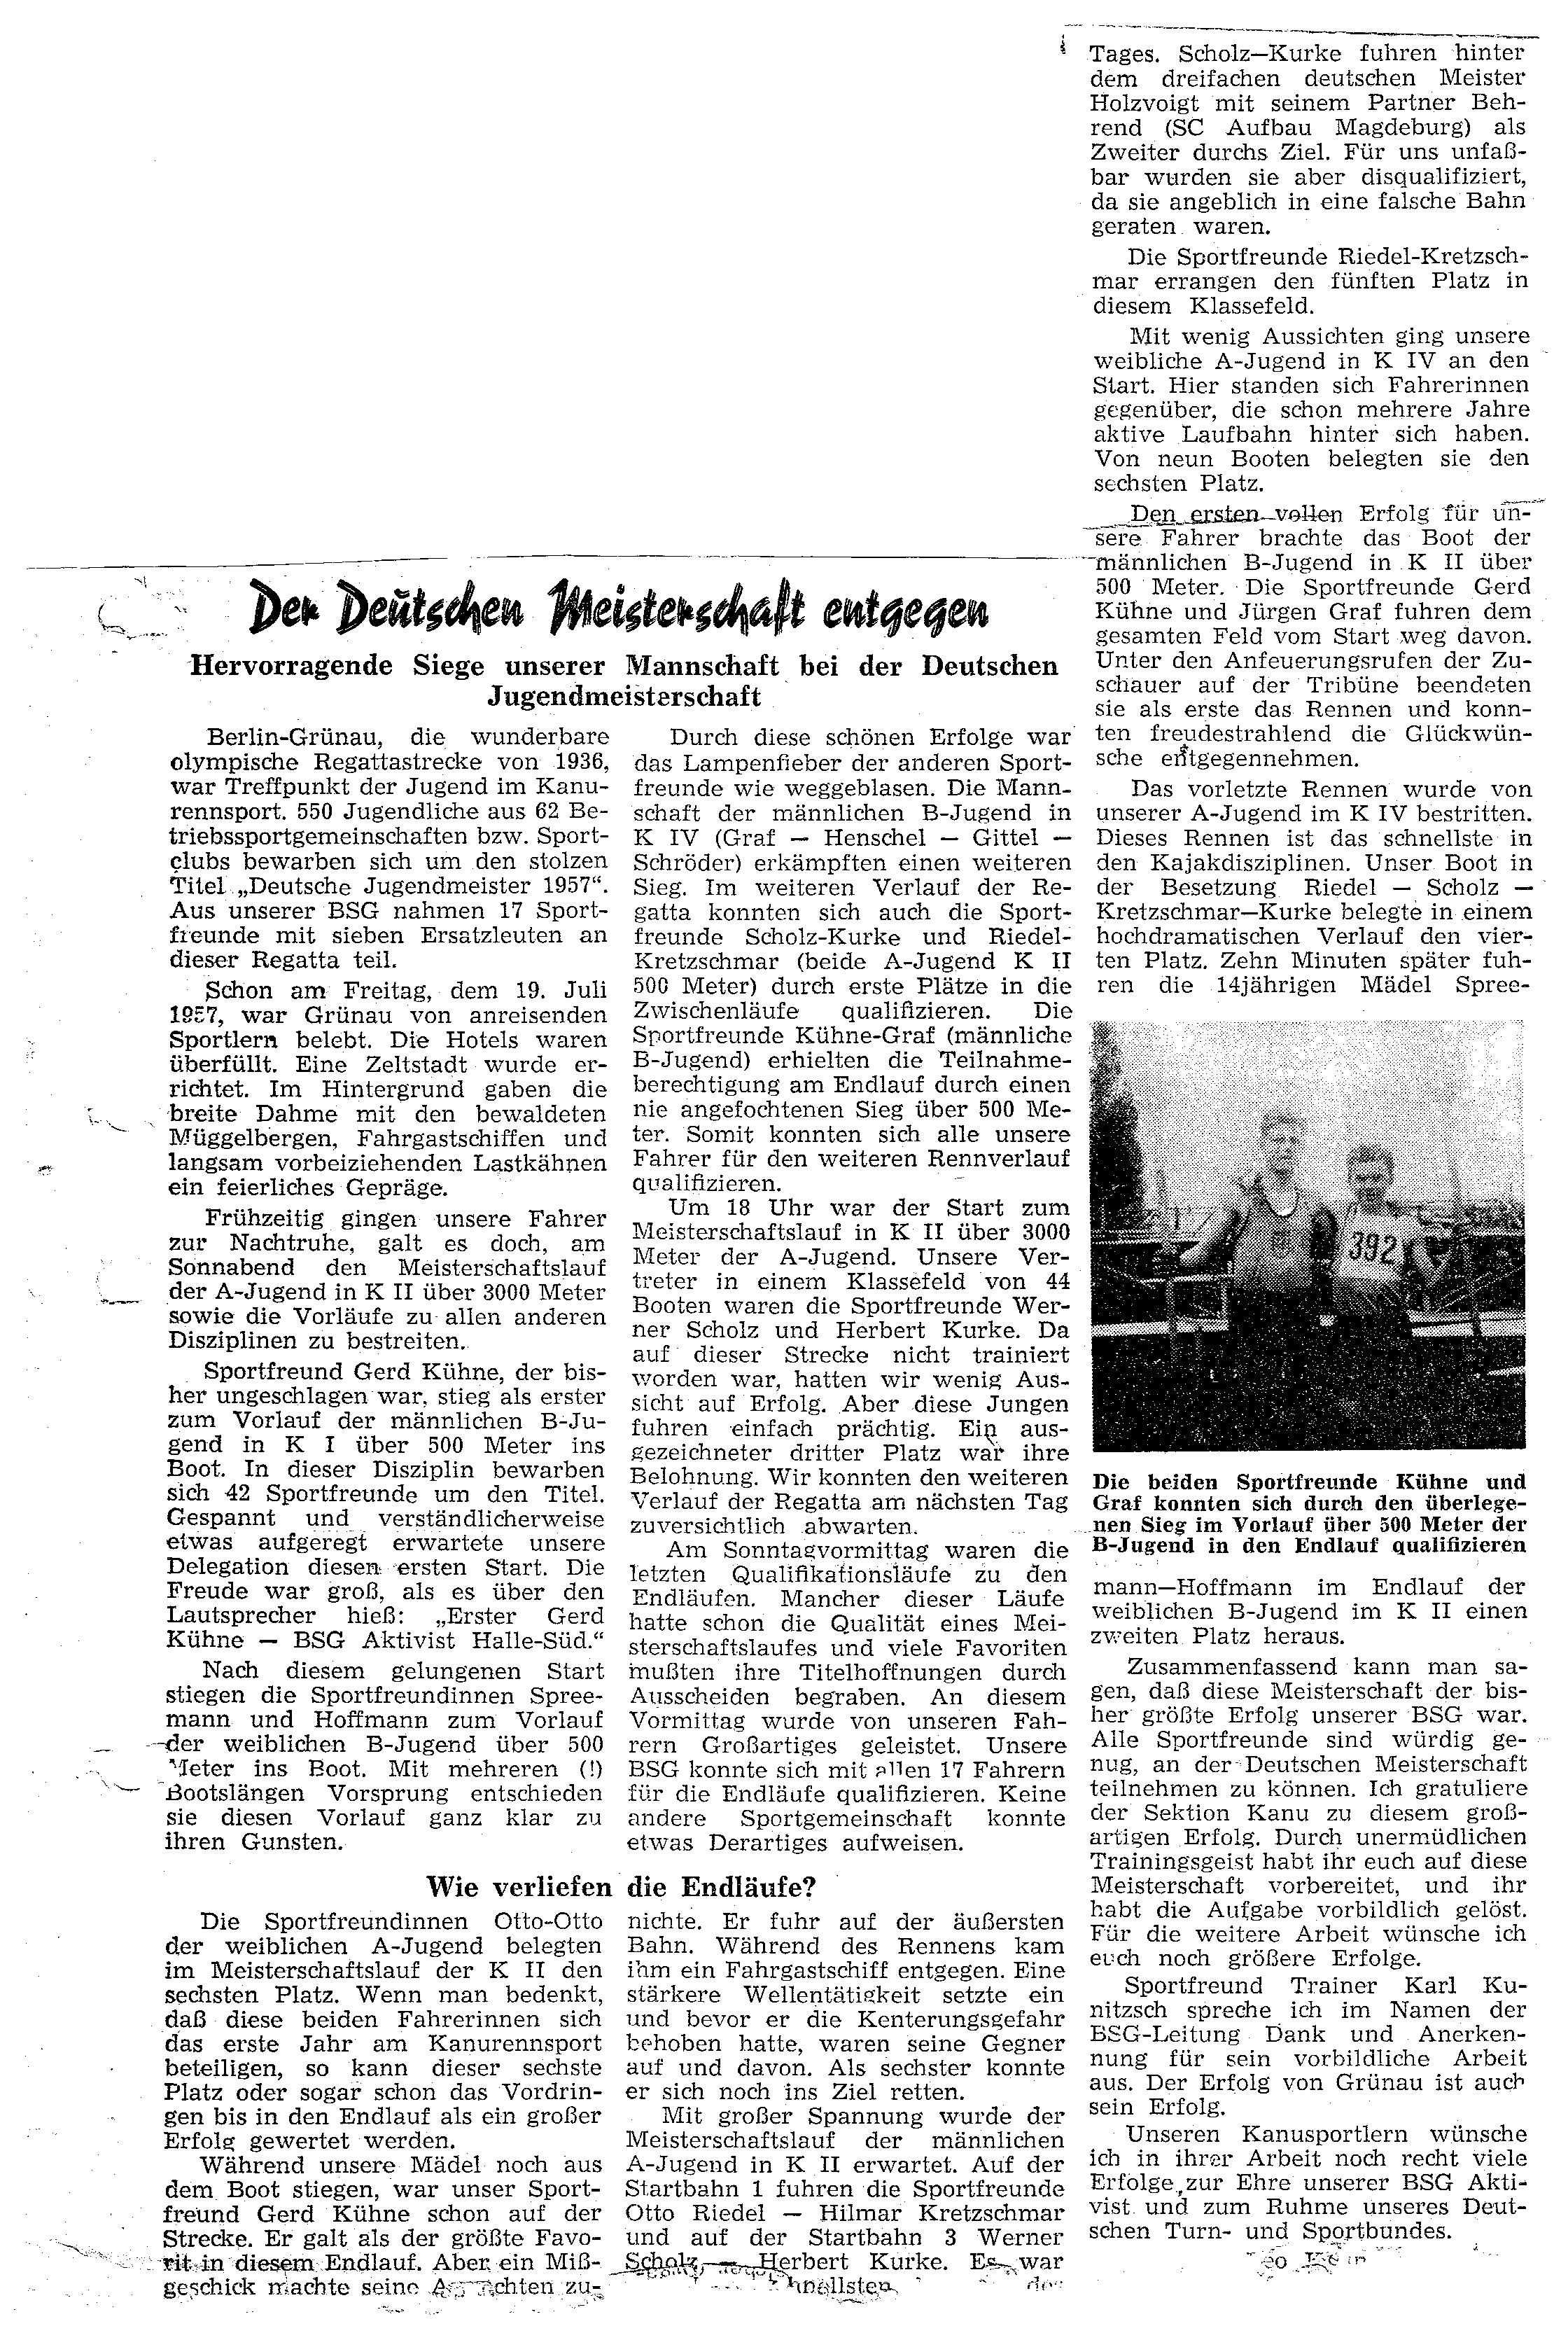 1957-07 Der Deutschen Meisterschaft entgegen